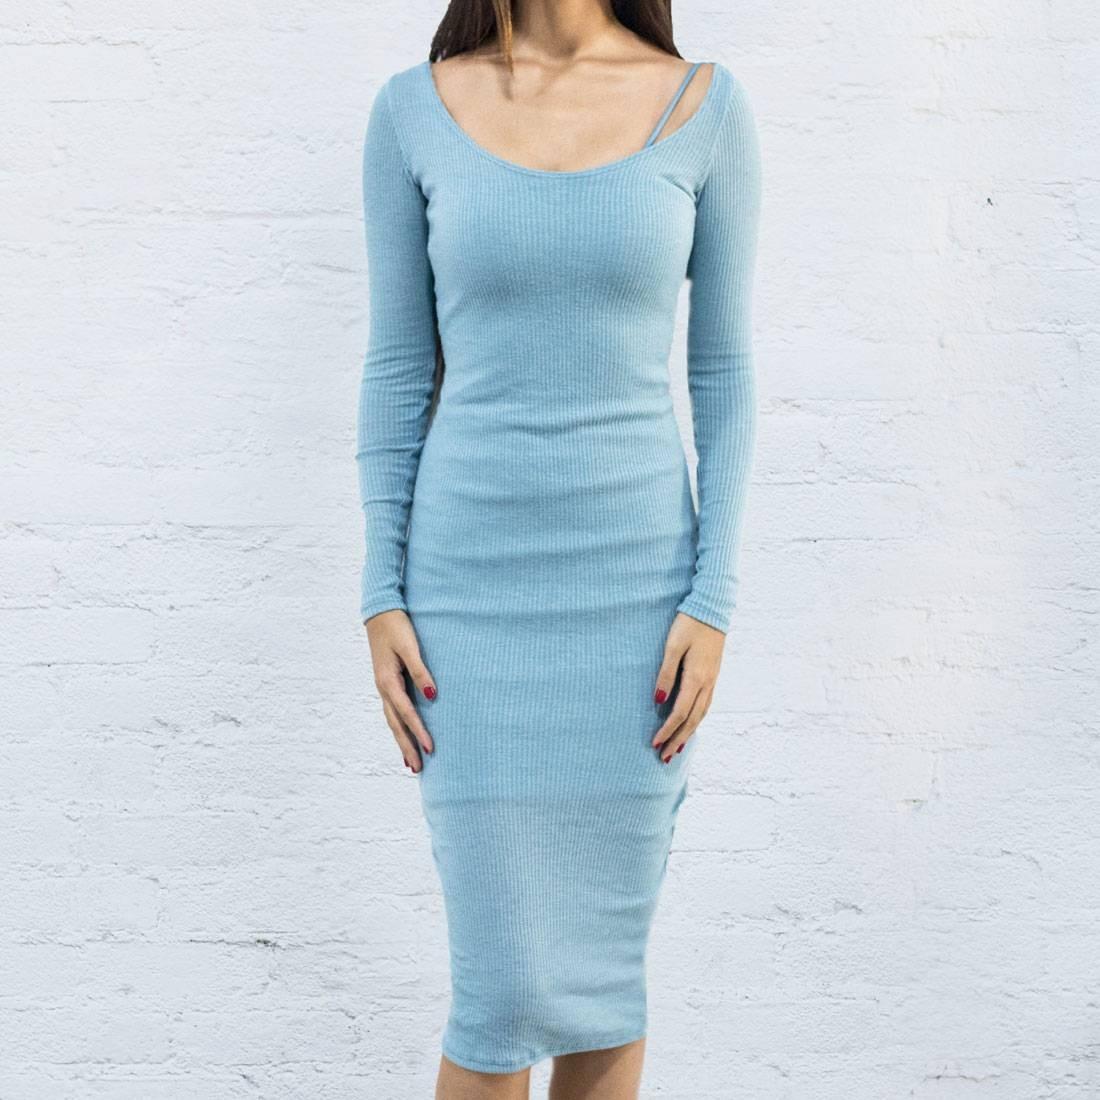 ベイト BAIT ドレス レディースファッション ワンピース レディース 【 Women Body Con Dress With Inner Slip - Made In La (blue / Baby Blue) 】 Blue / Baby Blue